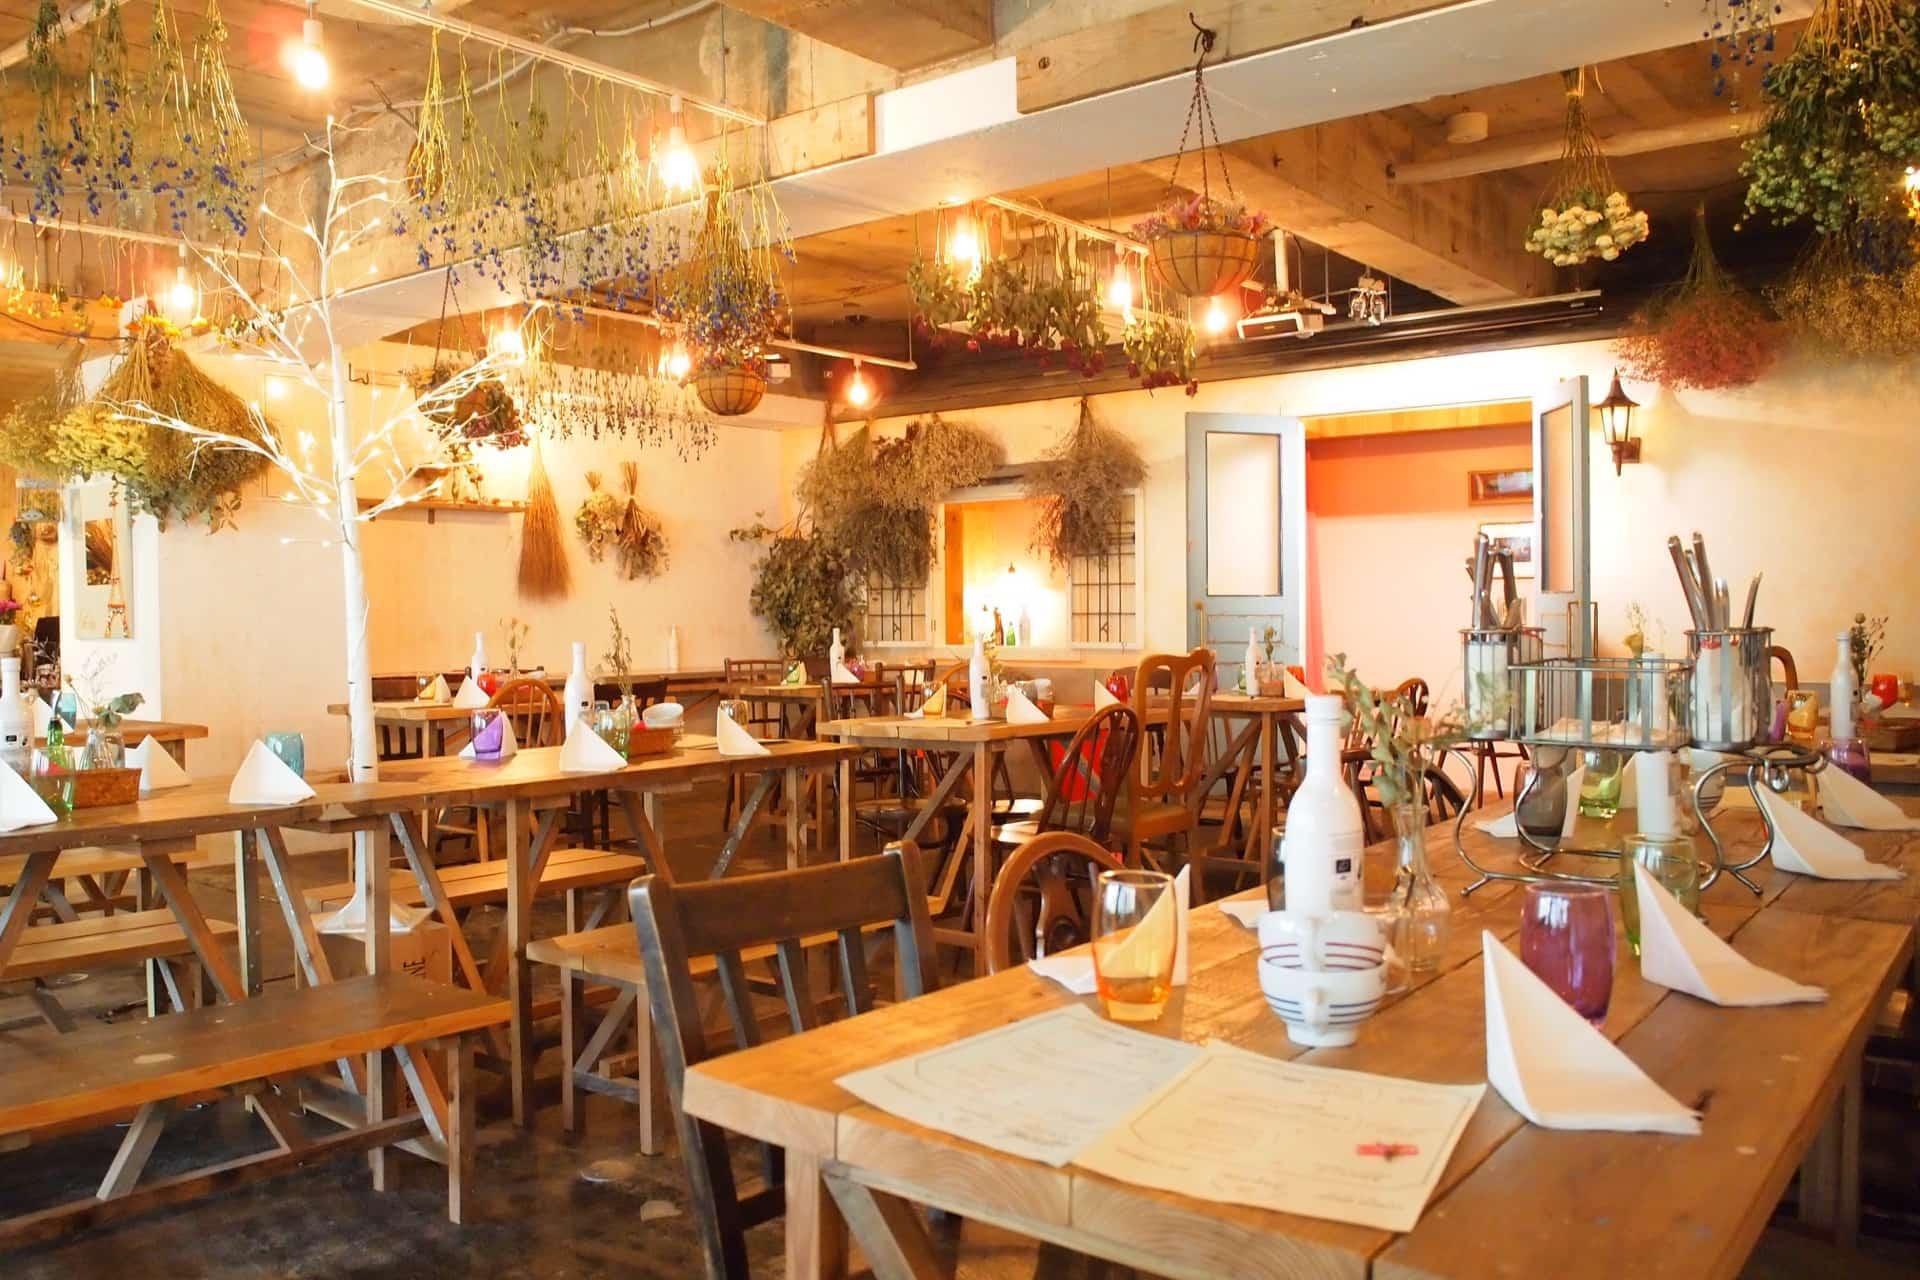 【閉店】3epice(トロワエピス) − ドライフラワーに囲まれたカフェで楽しむランチ&クレープ